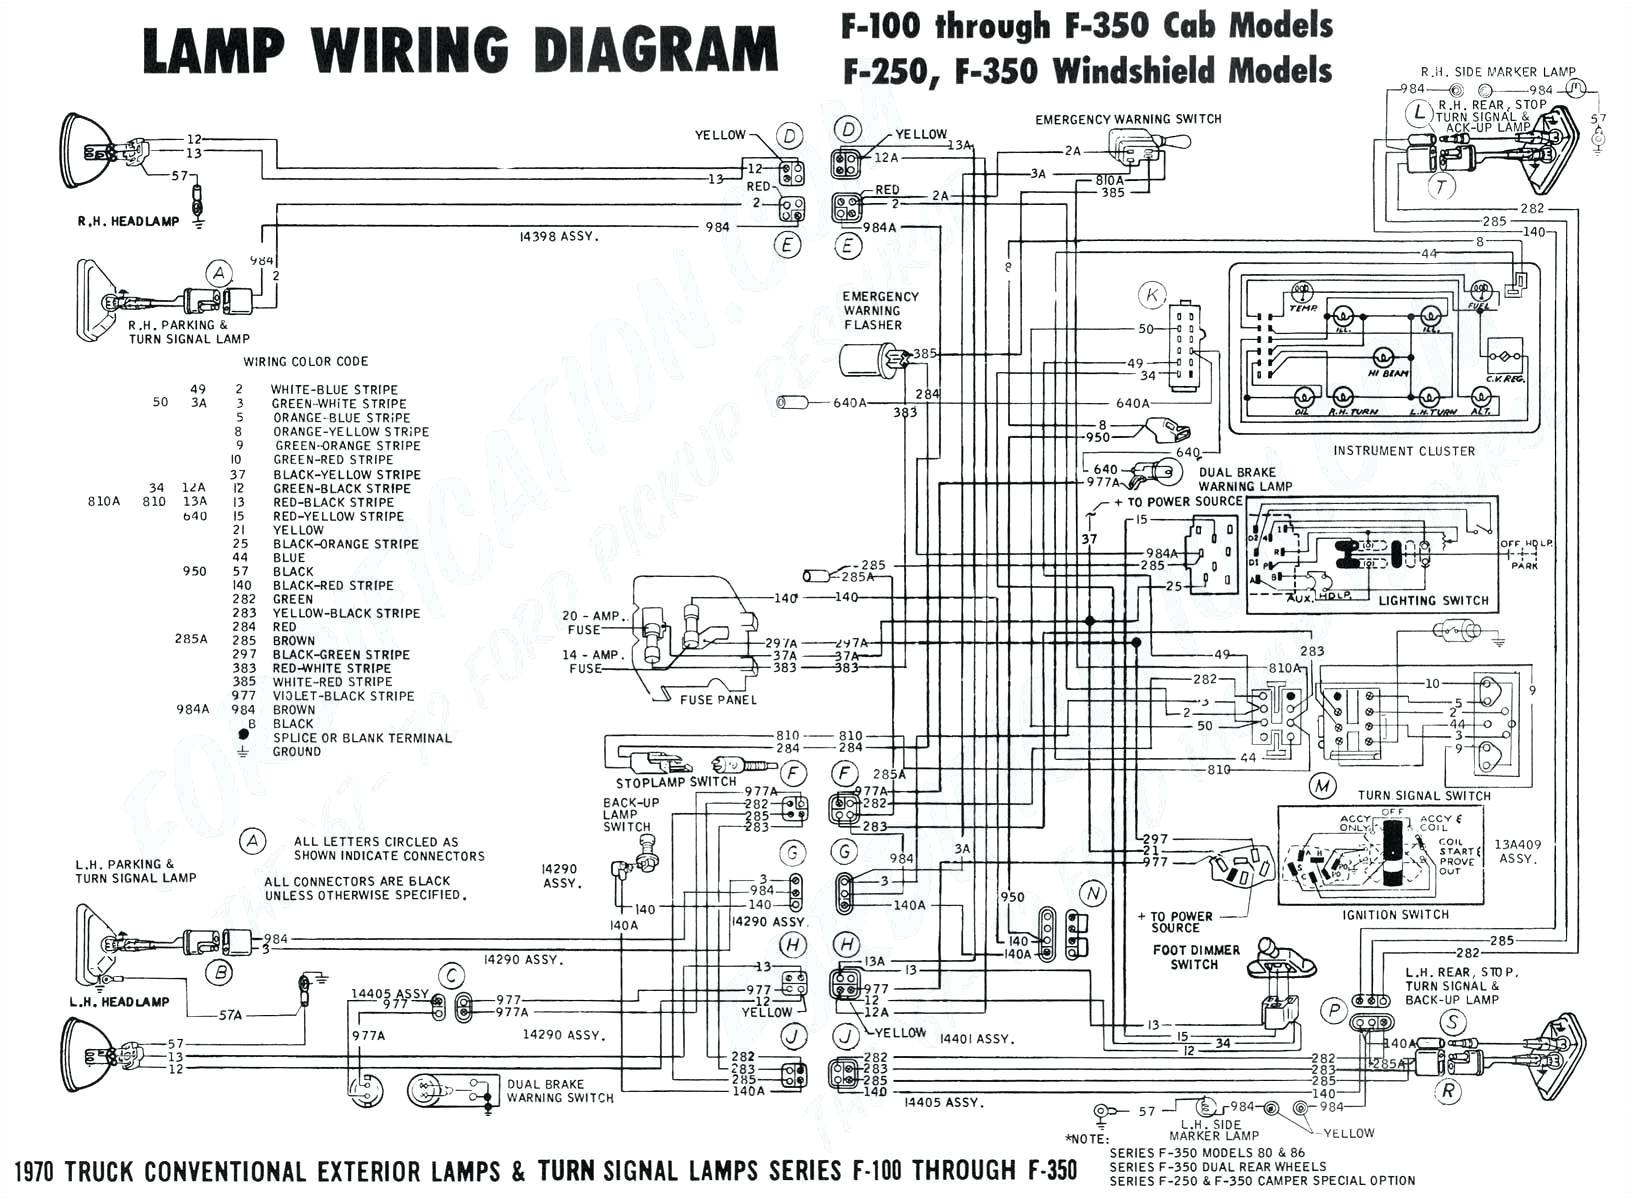 1988 samurai fuse diagram wiring diagram toolbox baldor motor wiring diagrams 1988 samurai fuse diagram wiring